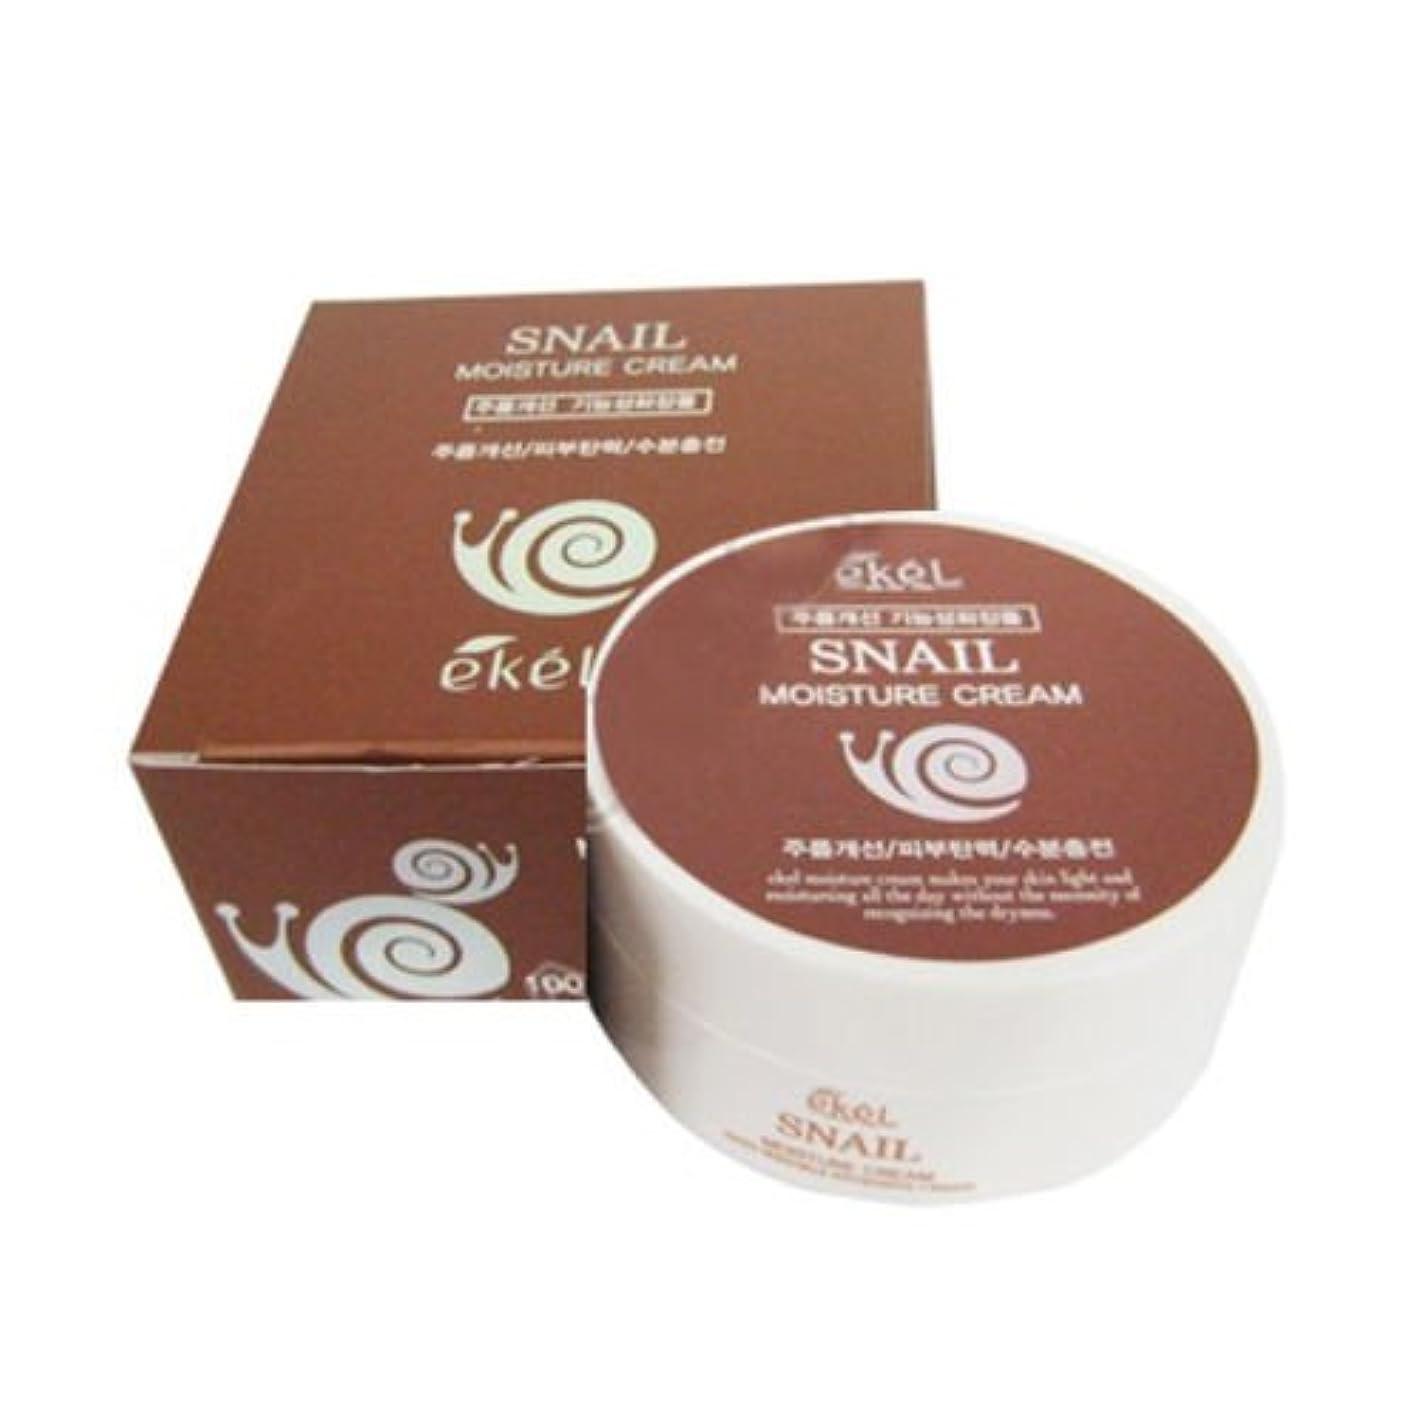 パス花瓶ジムイケル[韓国コスメEkel]Snail Moisture Cream カタツムリモイスチャークリーム100g [並行輸入品]